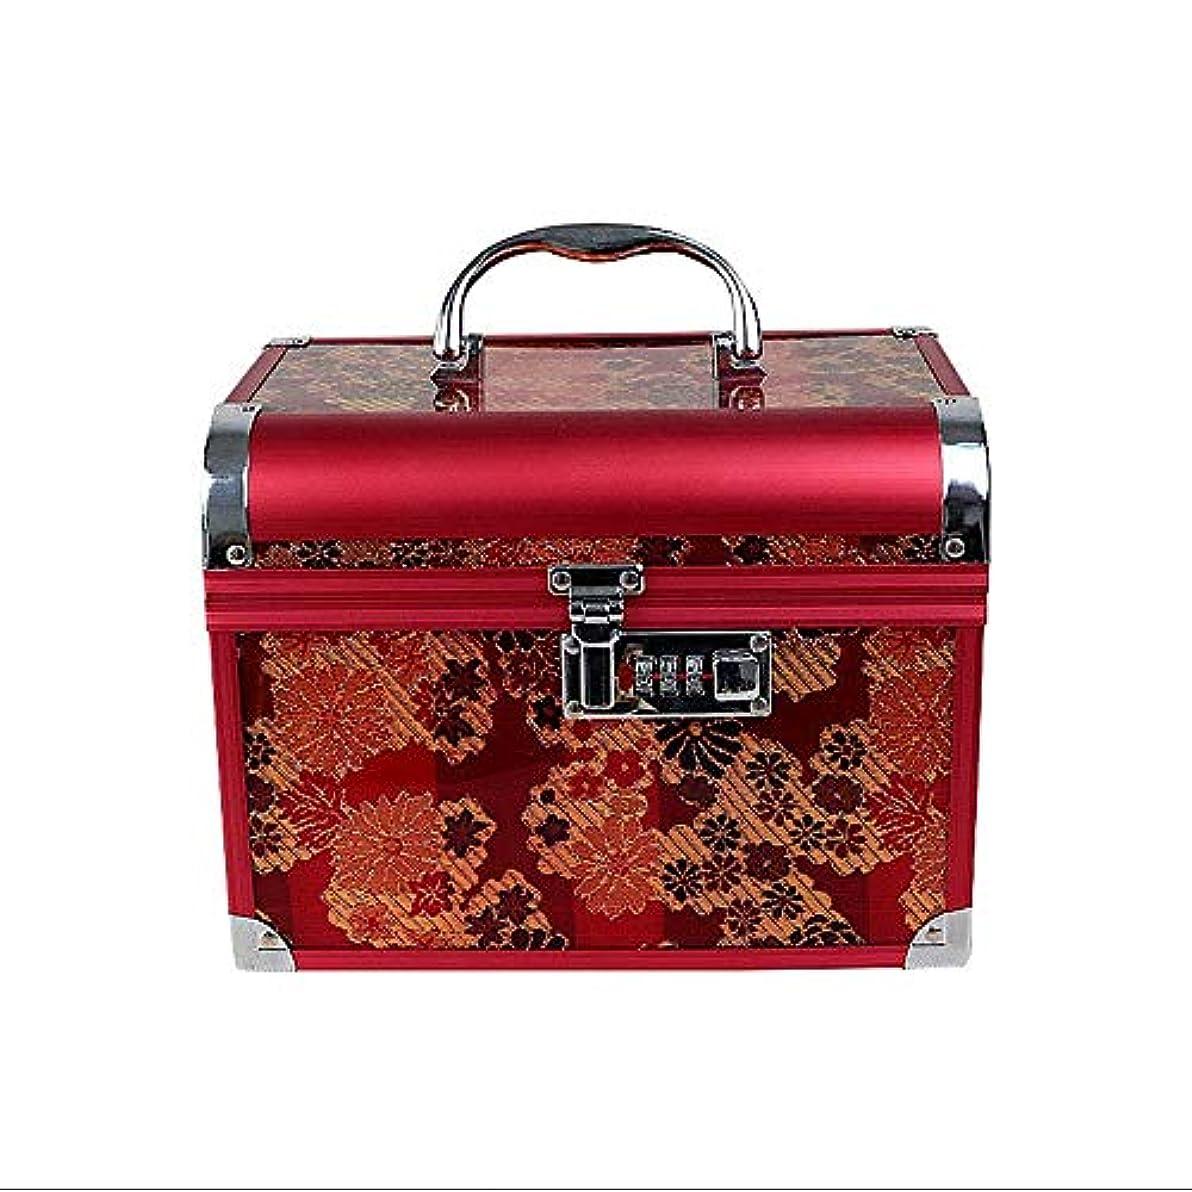 正確なボクシング結晶化粧オーガナイザーバッグ 美容メイクアップのための大容量ポータブル化粧ケース、女性用女性用旅行用品、コード付きロック付き折り畳みトレイ 化粧品ケース